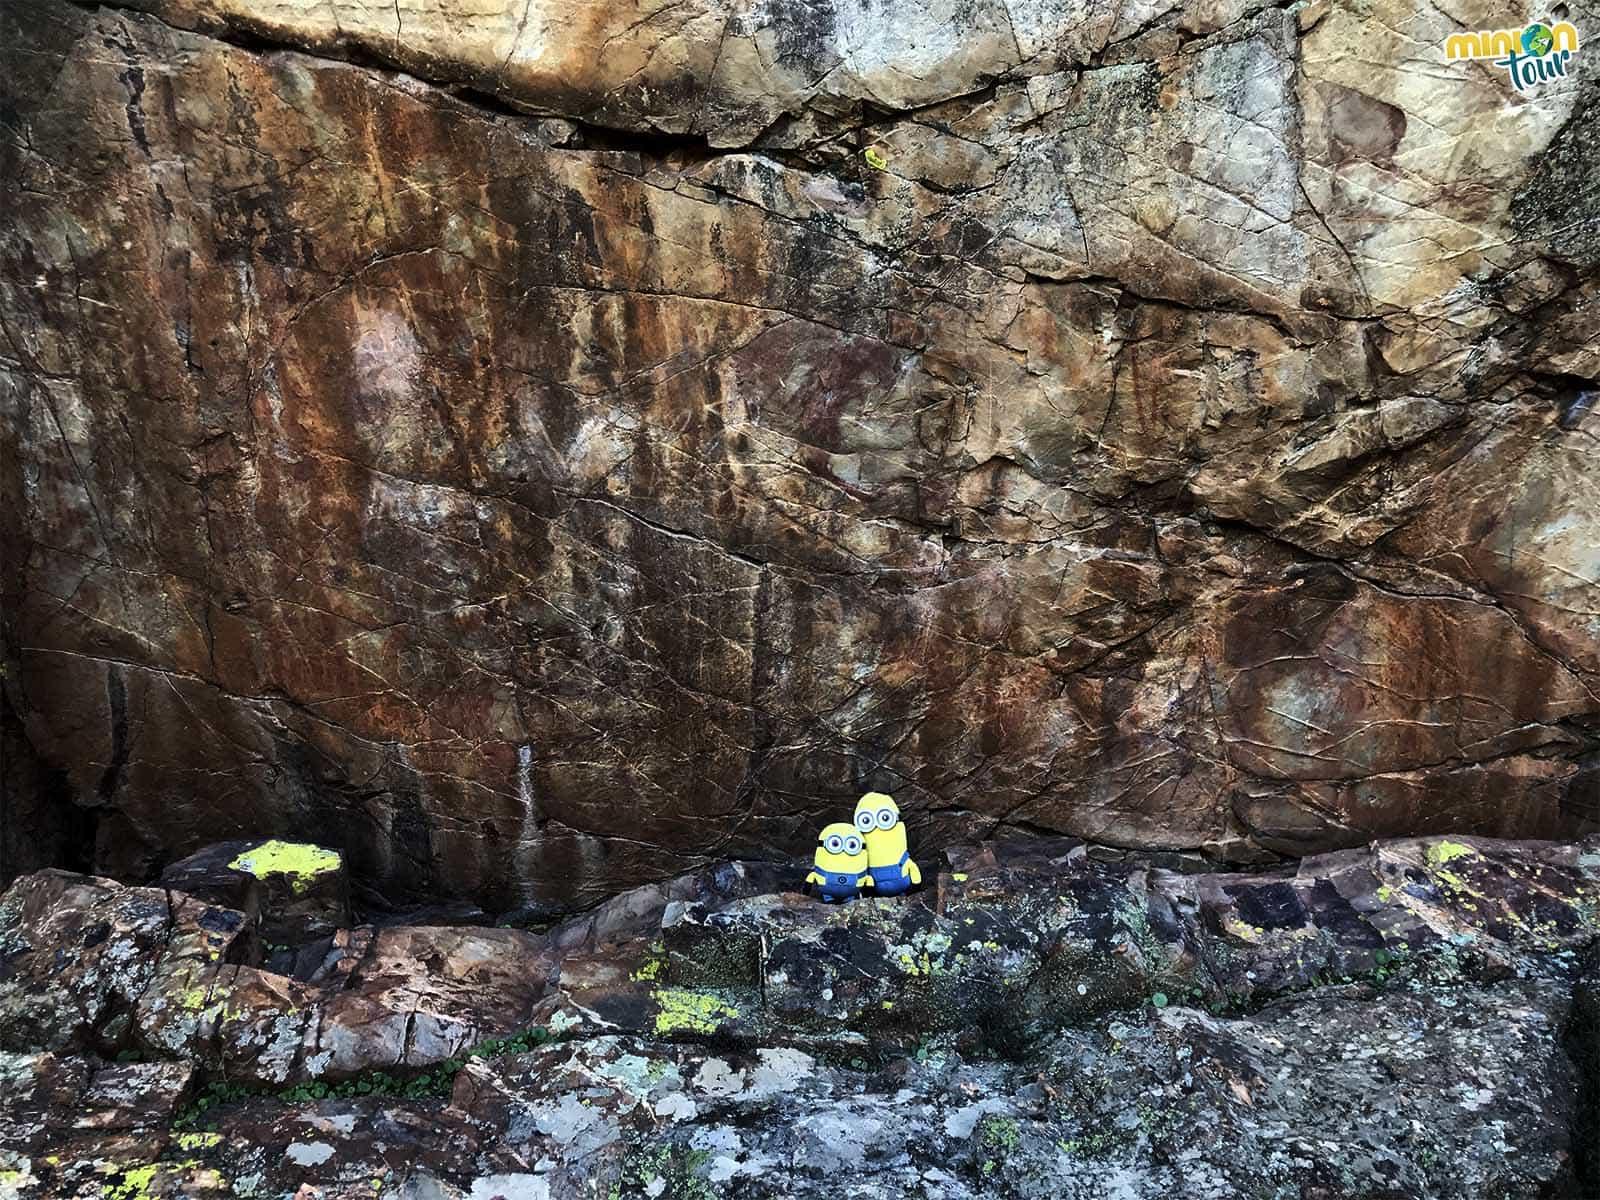 Pinturas rupestres de Cabeza del Buey, una parada imprescindible en nuestra ruta por La Serena Extremeña